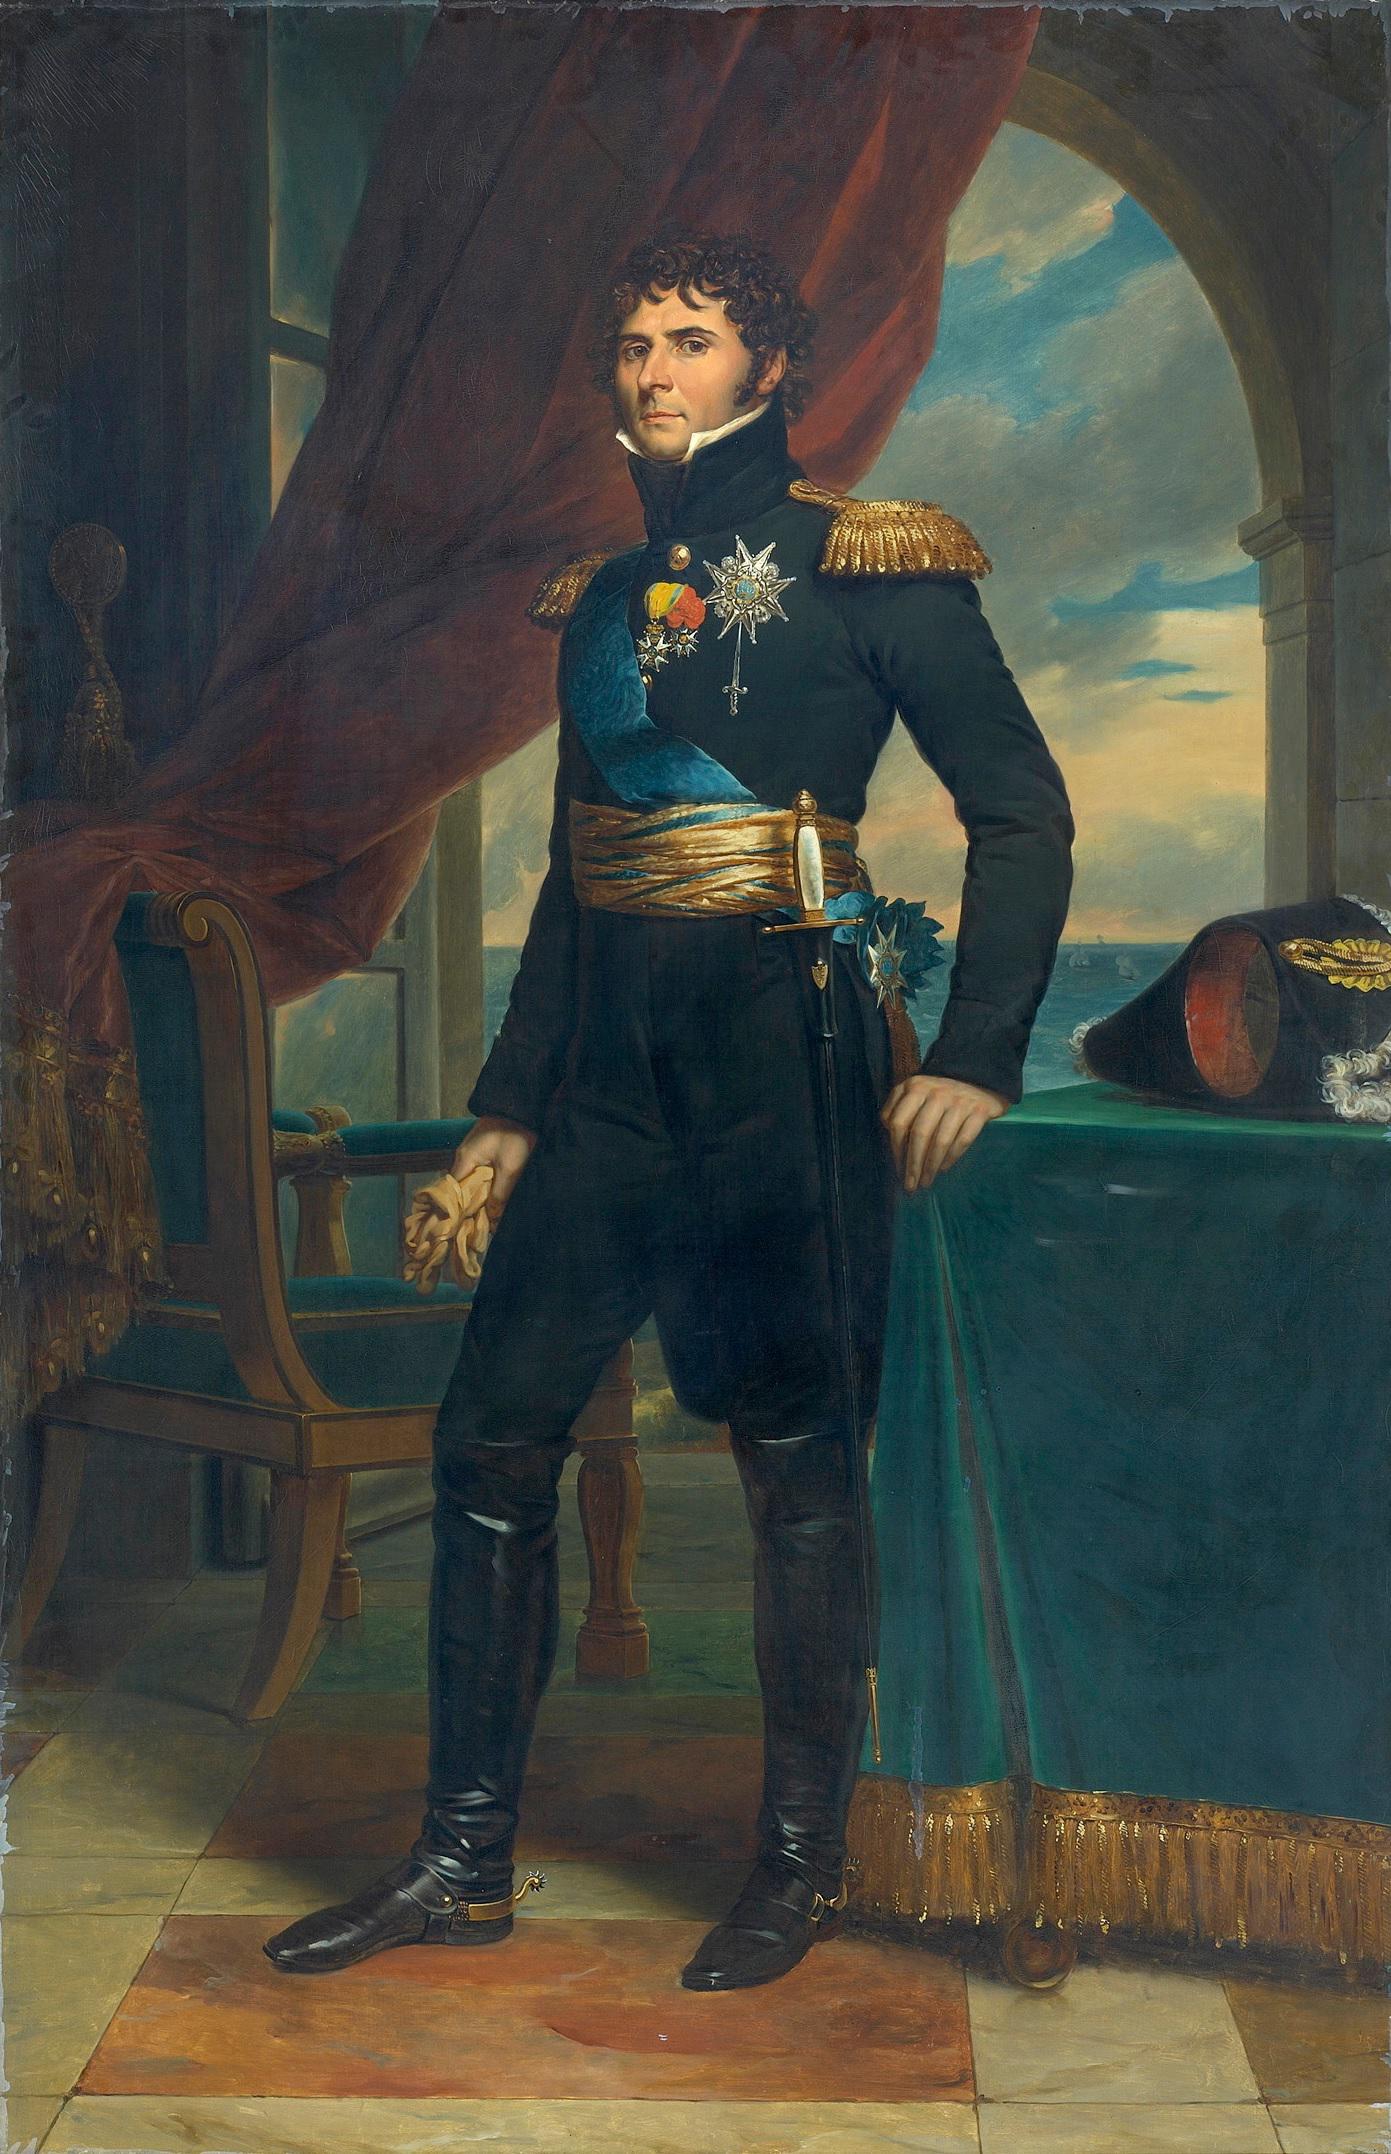 Le maréchal Jean-Baptiste Bernadotte en prince héritier de Suède (1811, François Gérard)